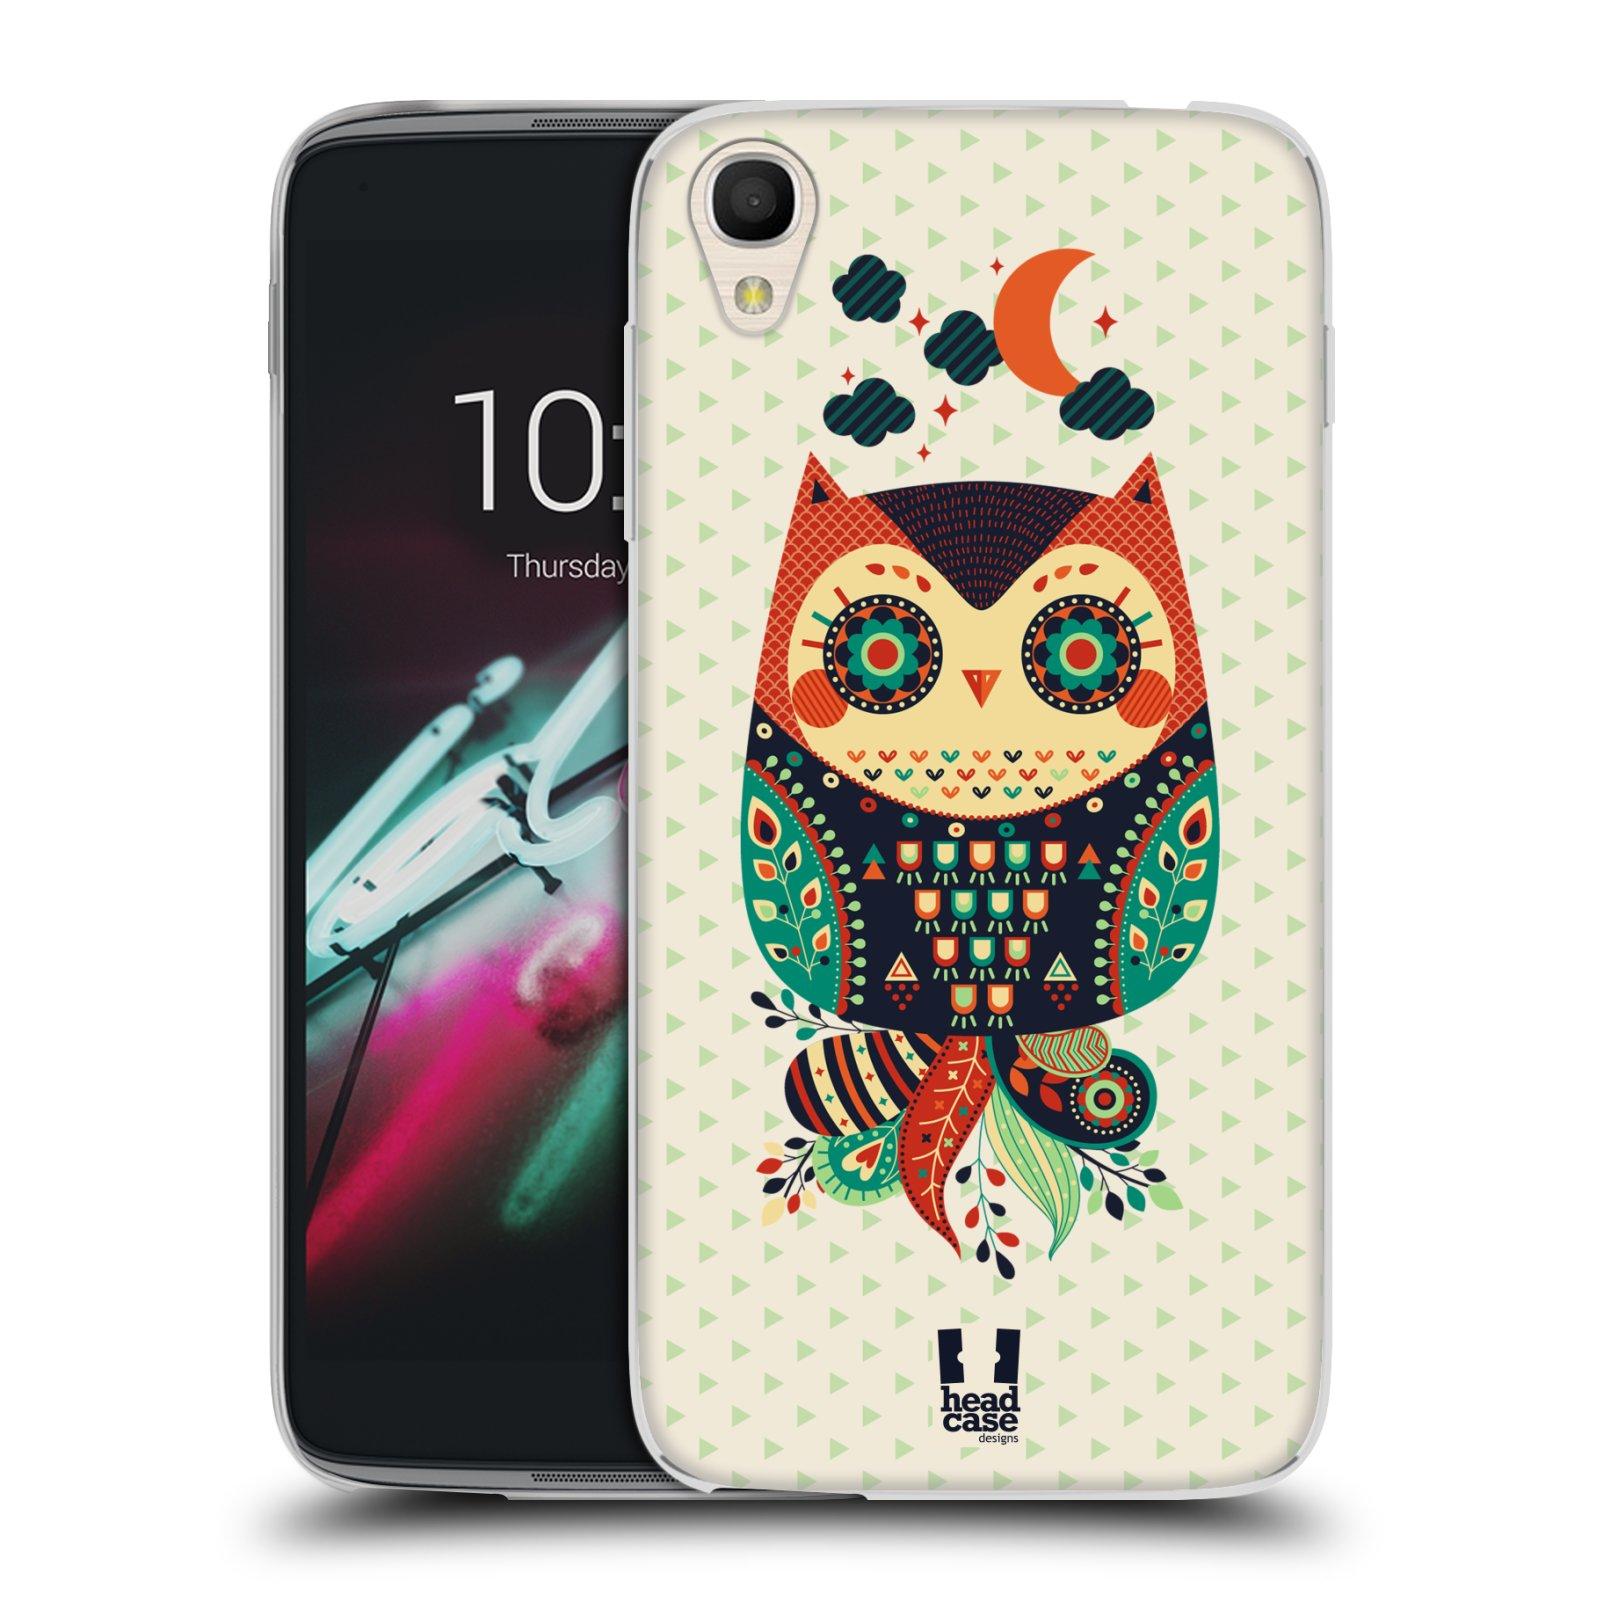 HEAD CASE silikonový obal na mobil Alcatel Idol 3 OT-6039Y (4.7) vzor Stmívání sovička oranžová a zelená